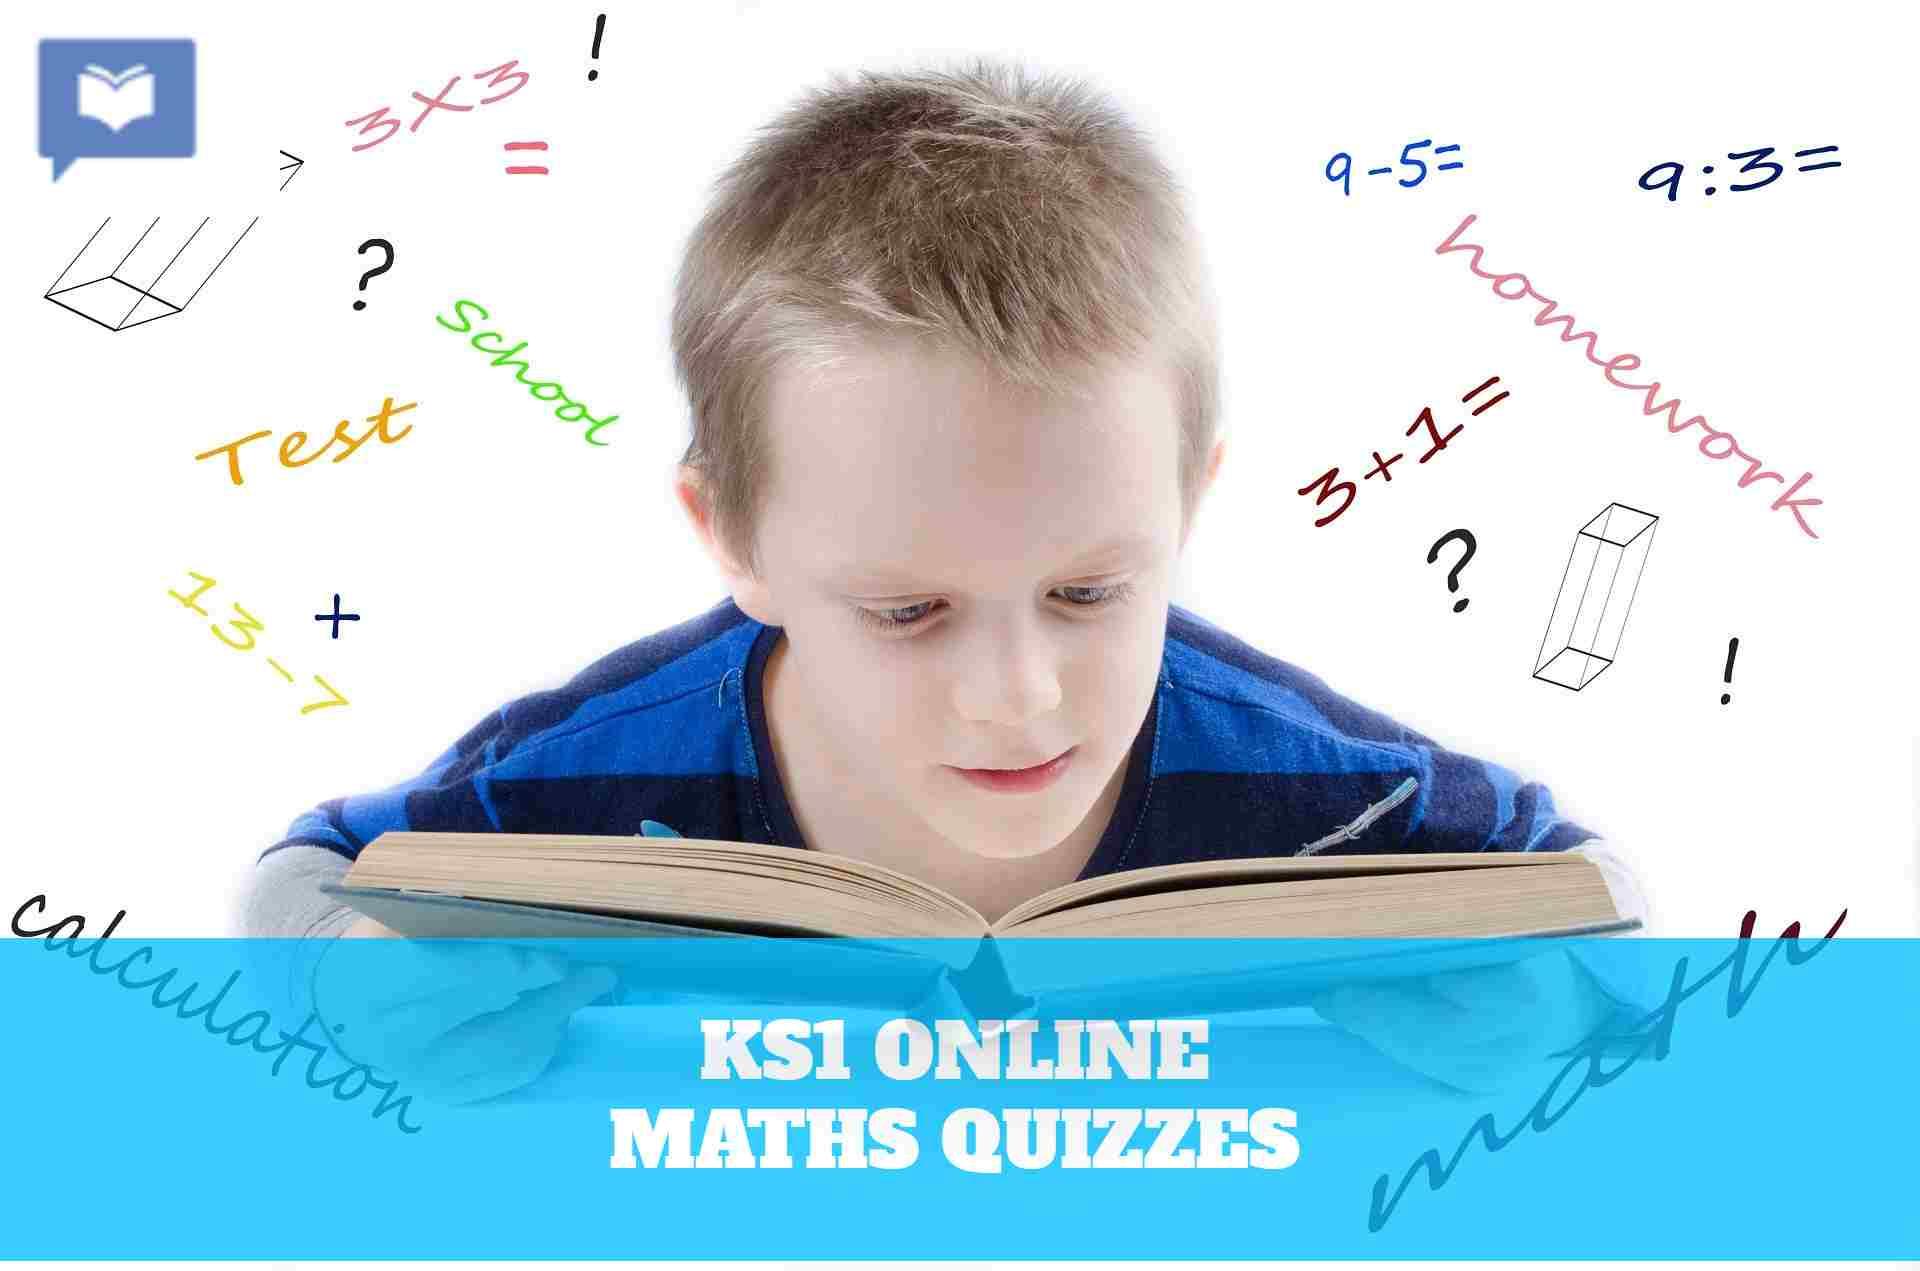 KS1 Maths Quizzes